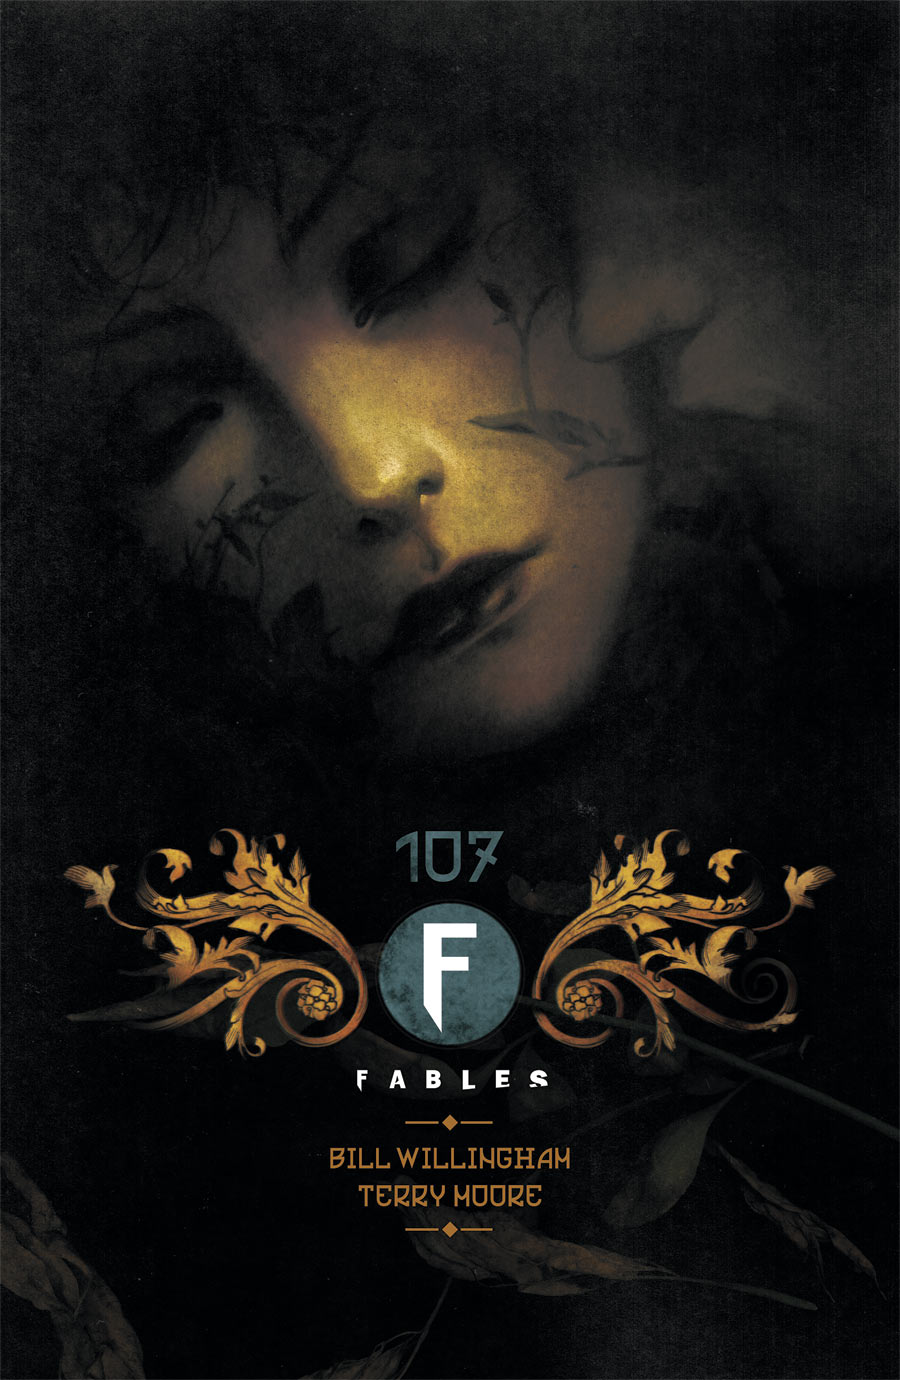 FABL_Cv107_R1